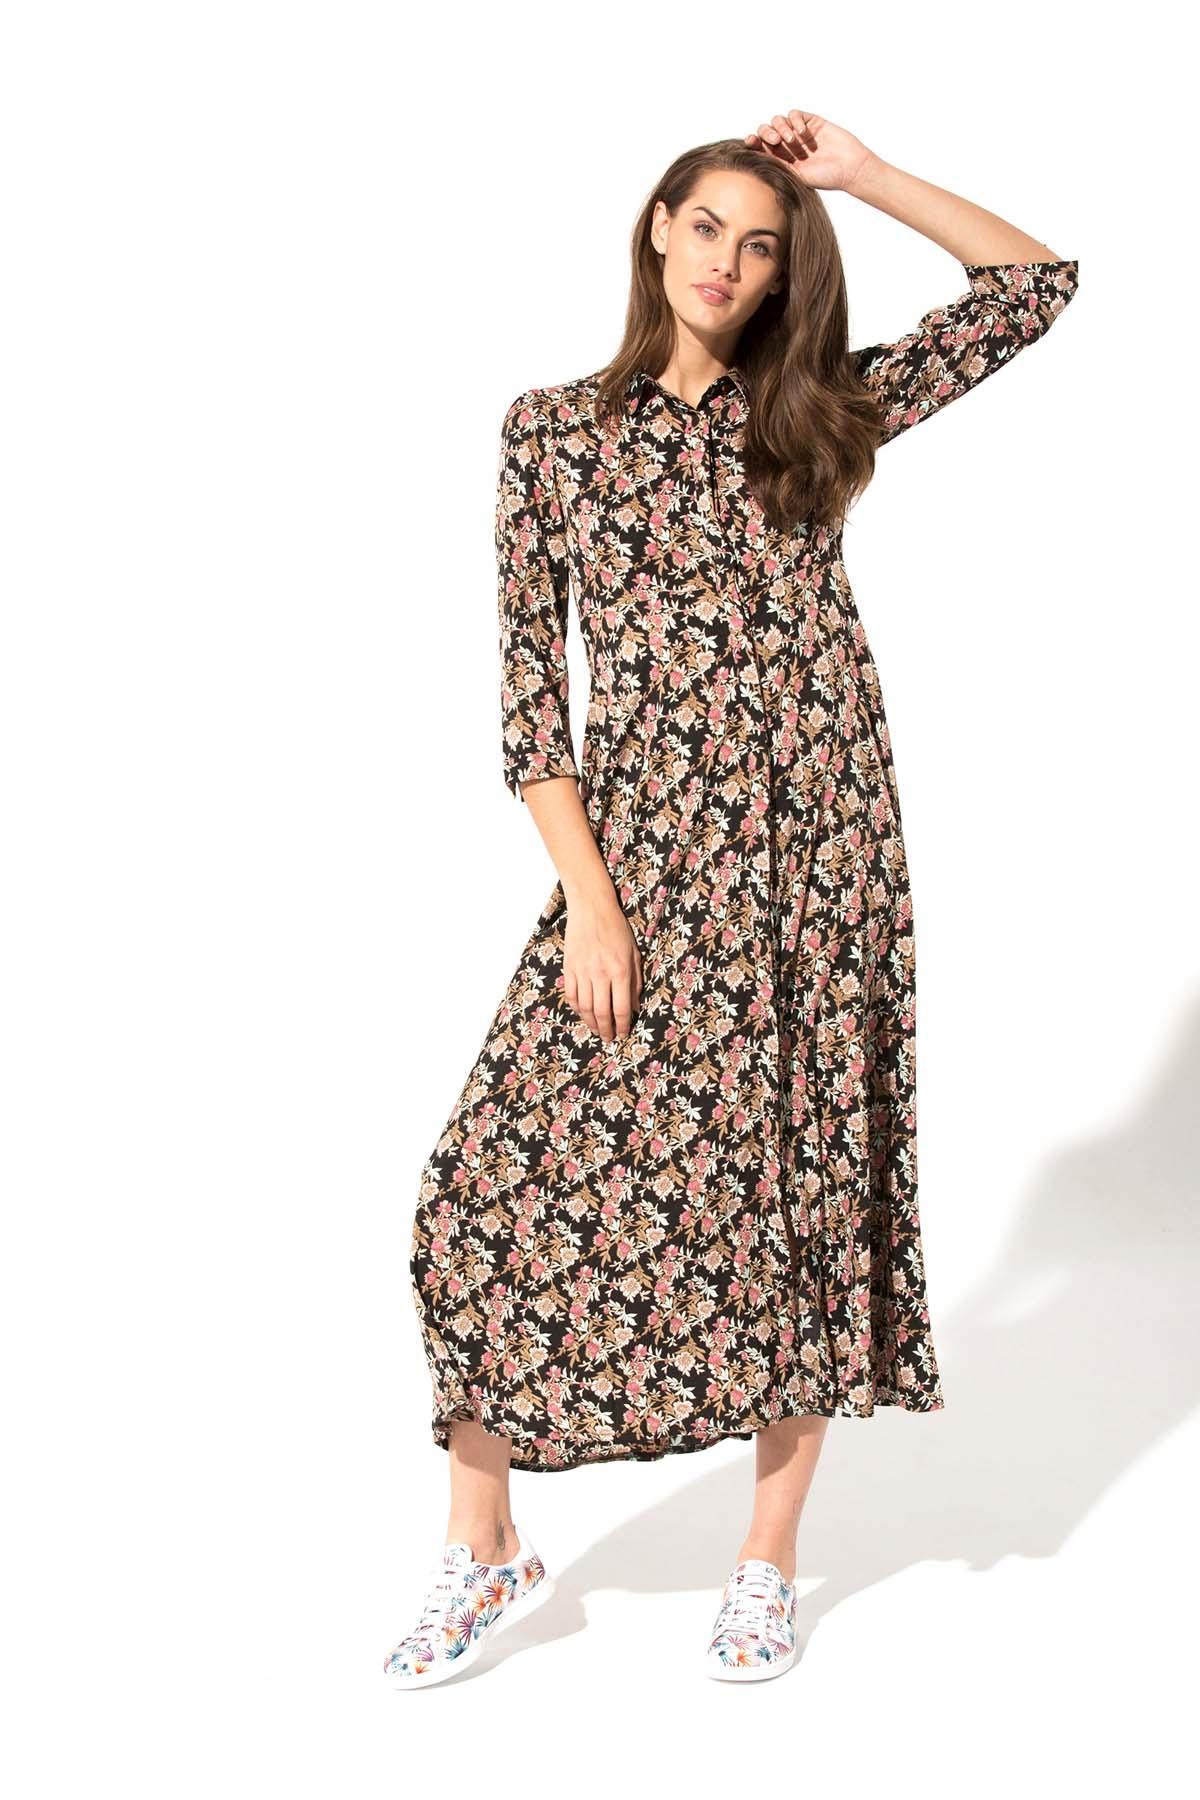 Teria Yabar - Vestido de estampado floral